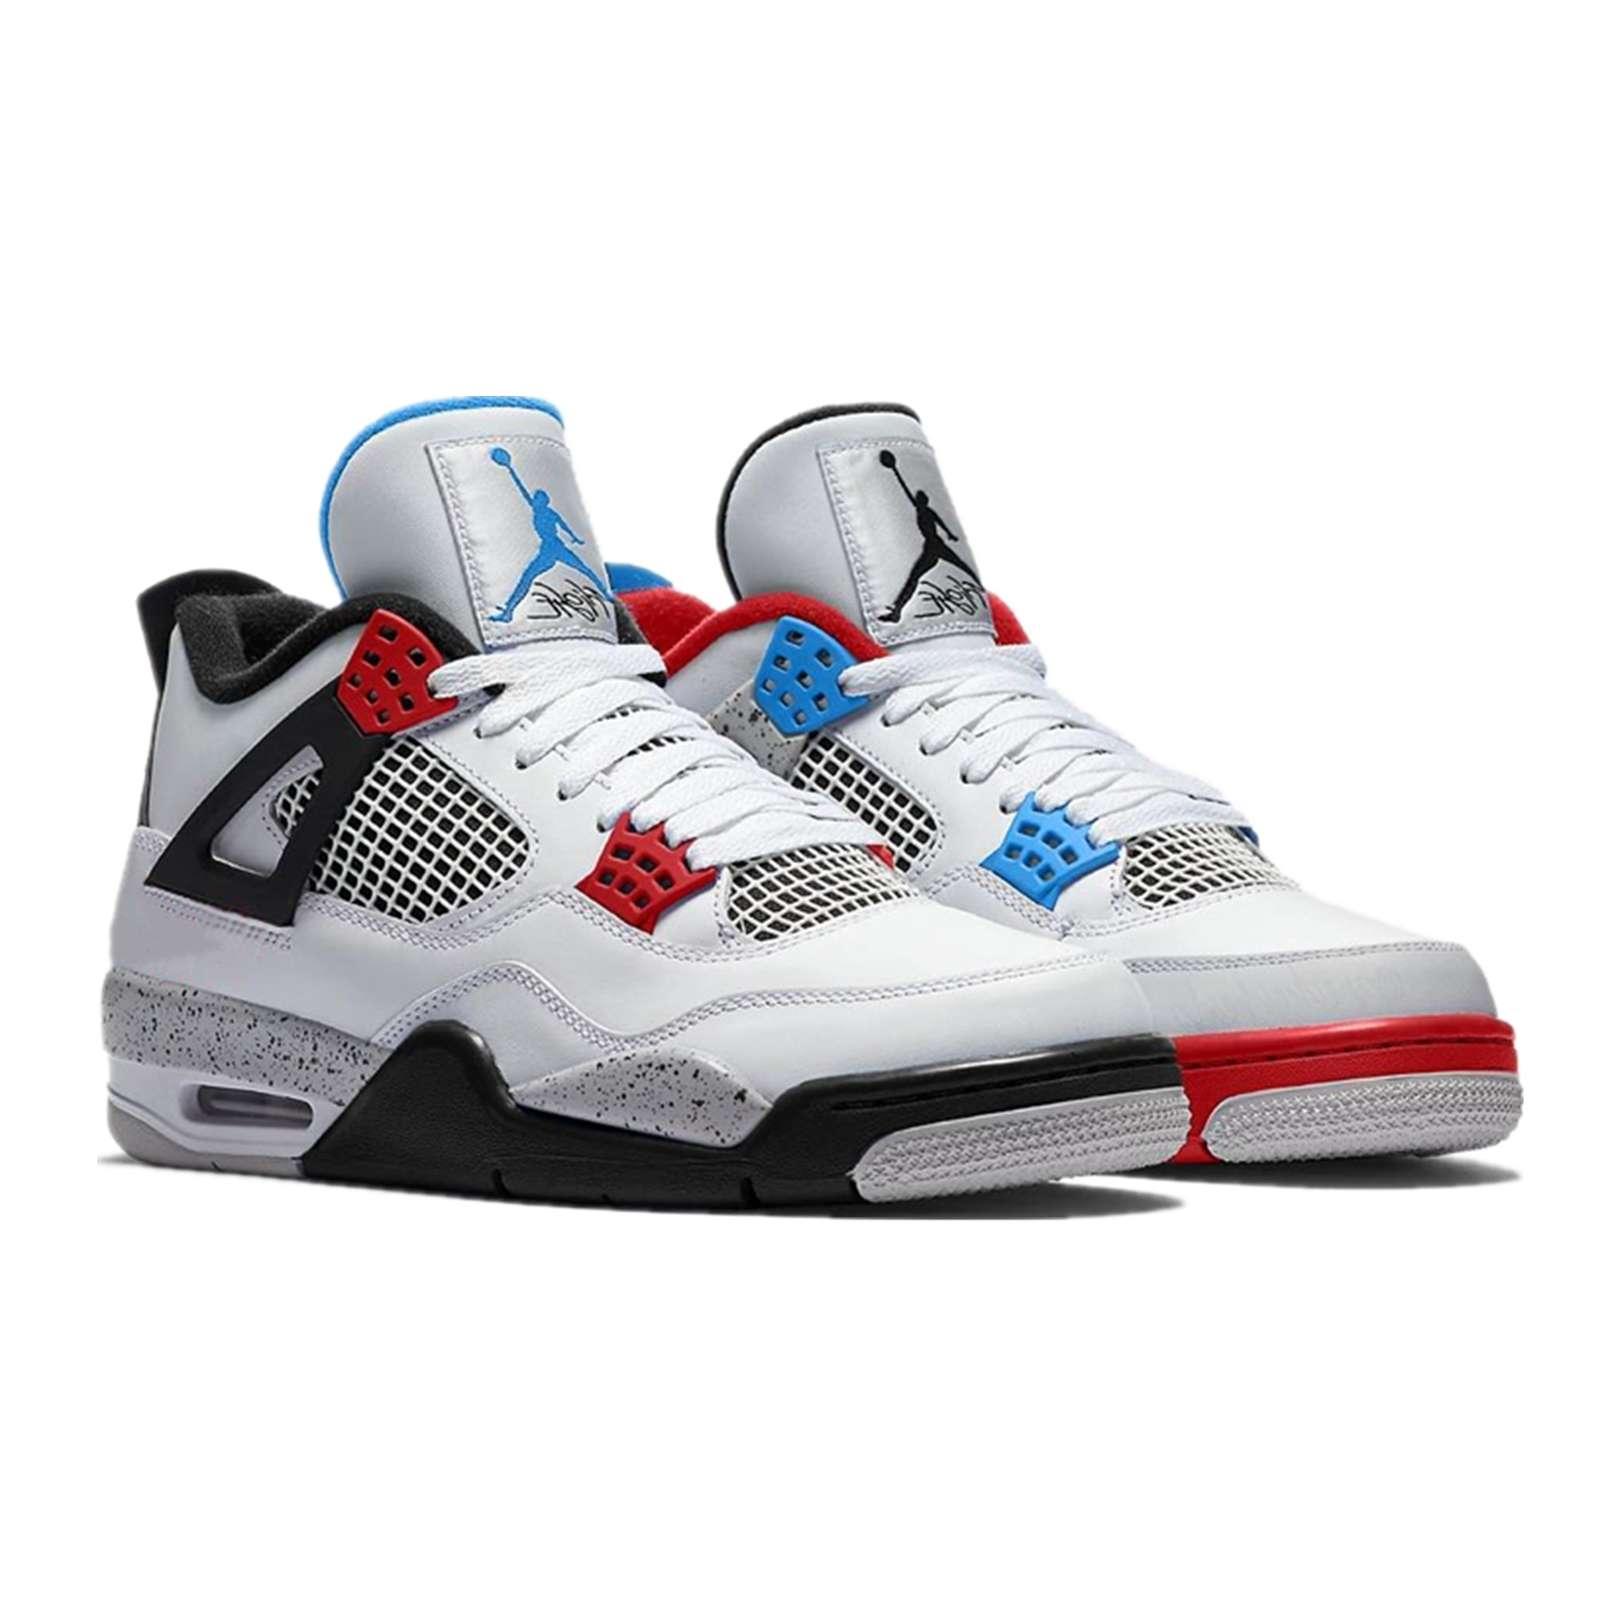 Nike Air Jordan IV Retro SE